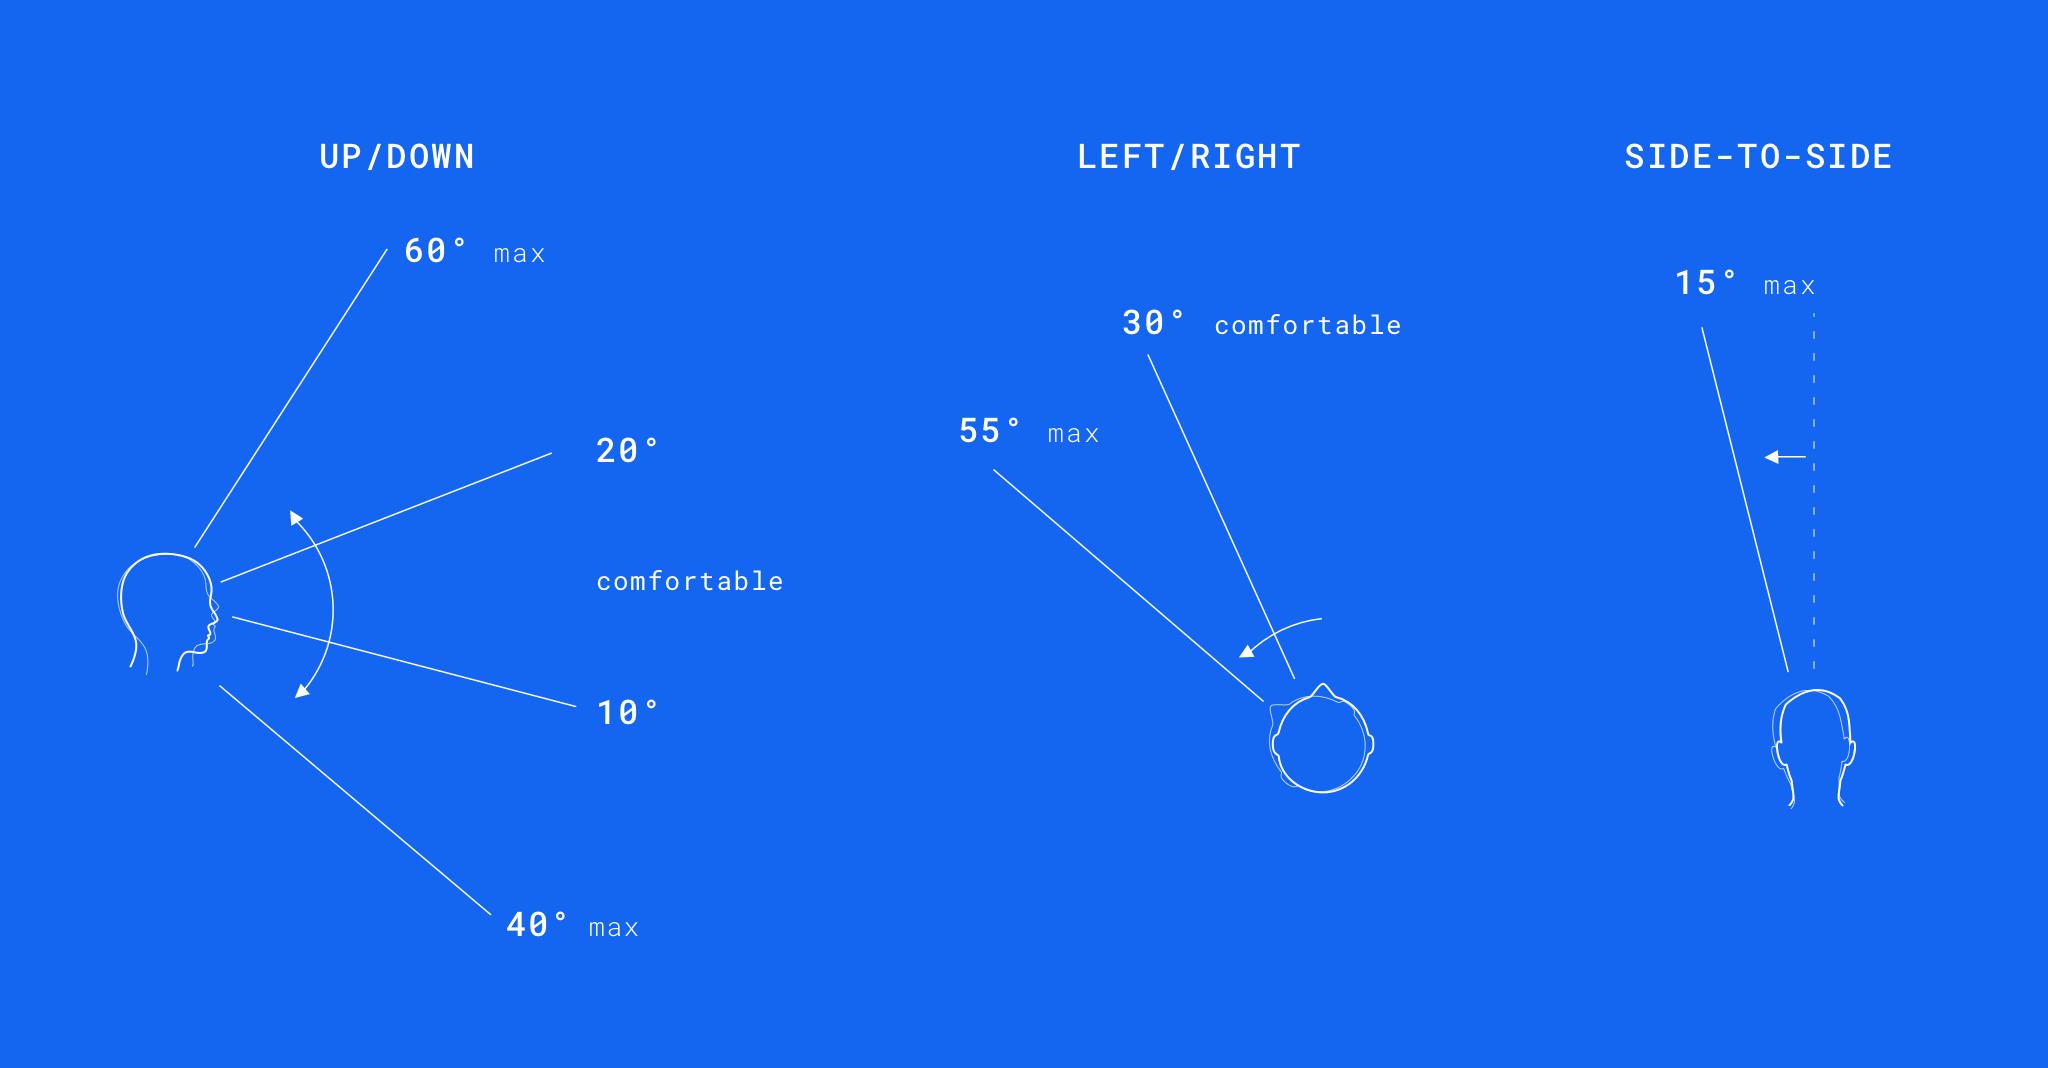 想着手设计 VR 应用?给你这份实操性极强设计指南!